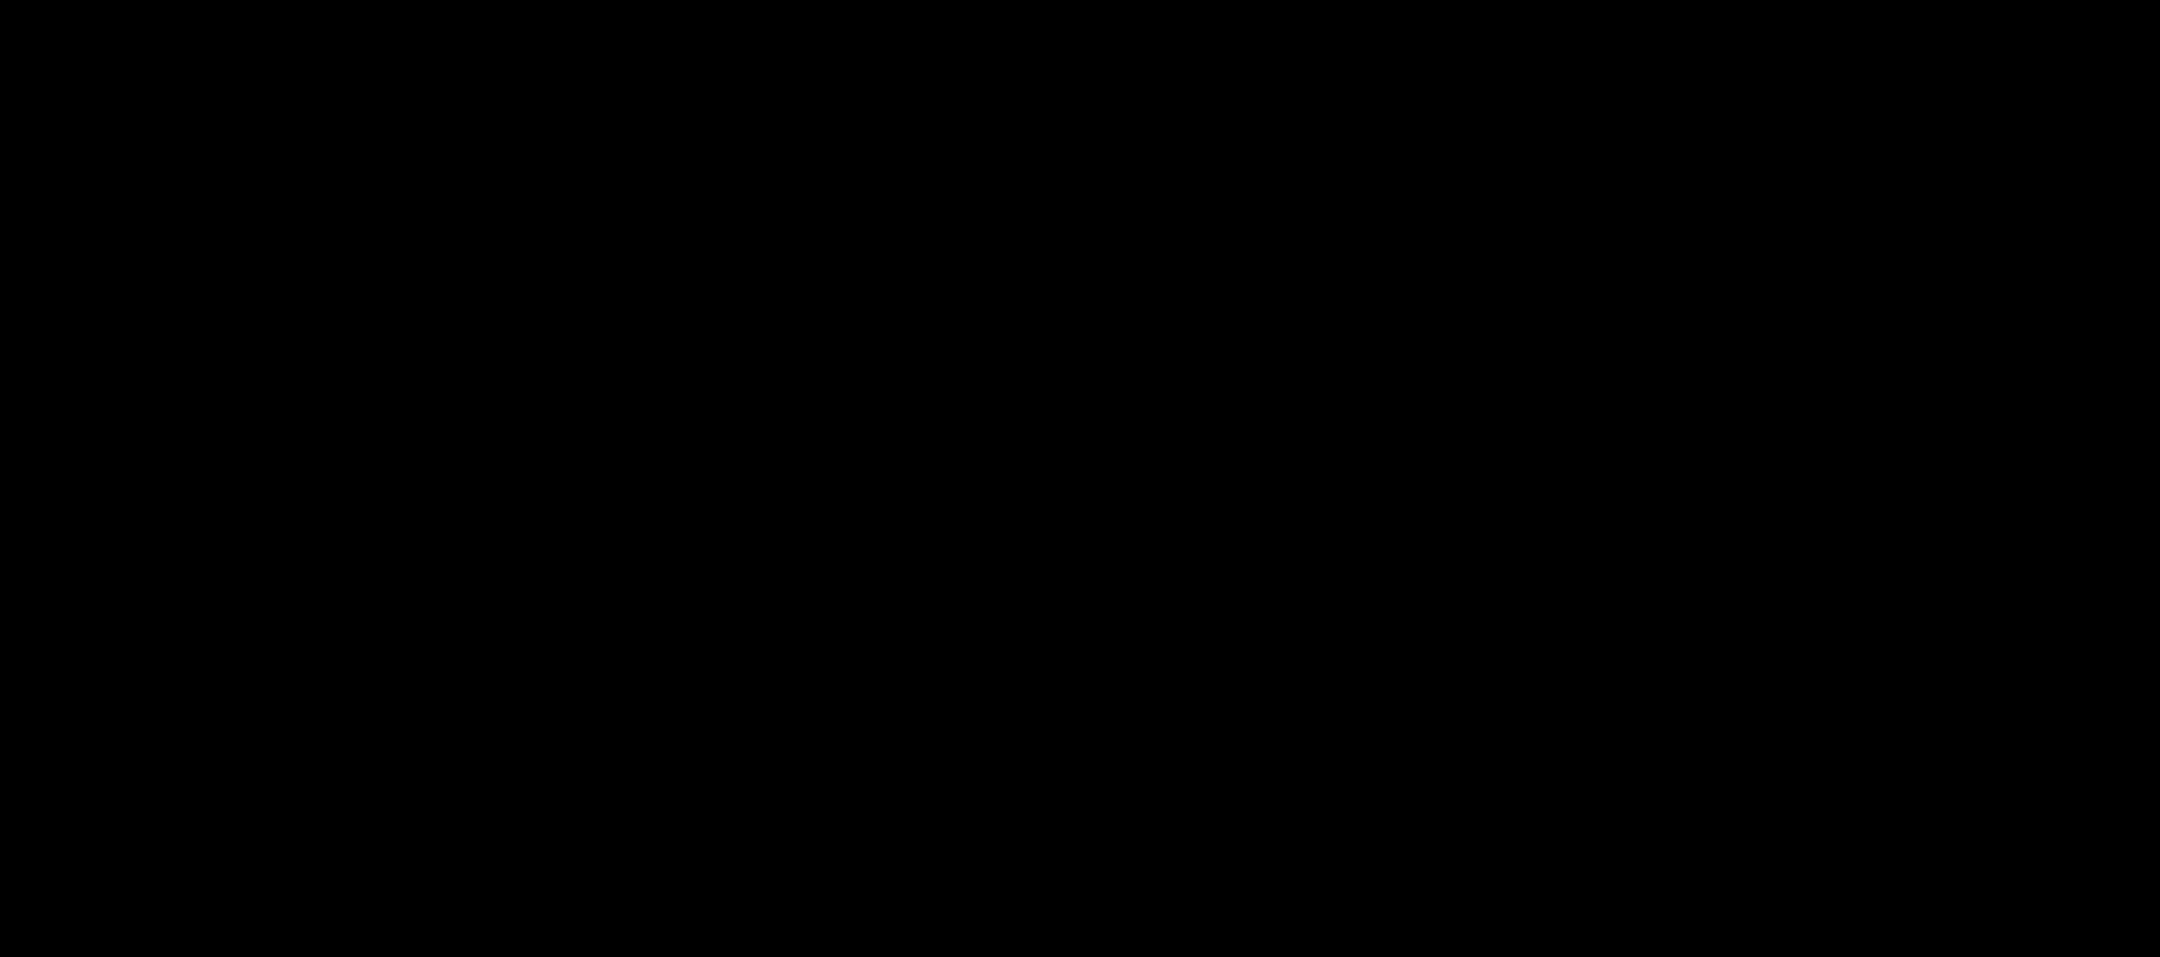 kipling logo 1 1 - Kipling Logo